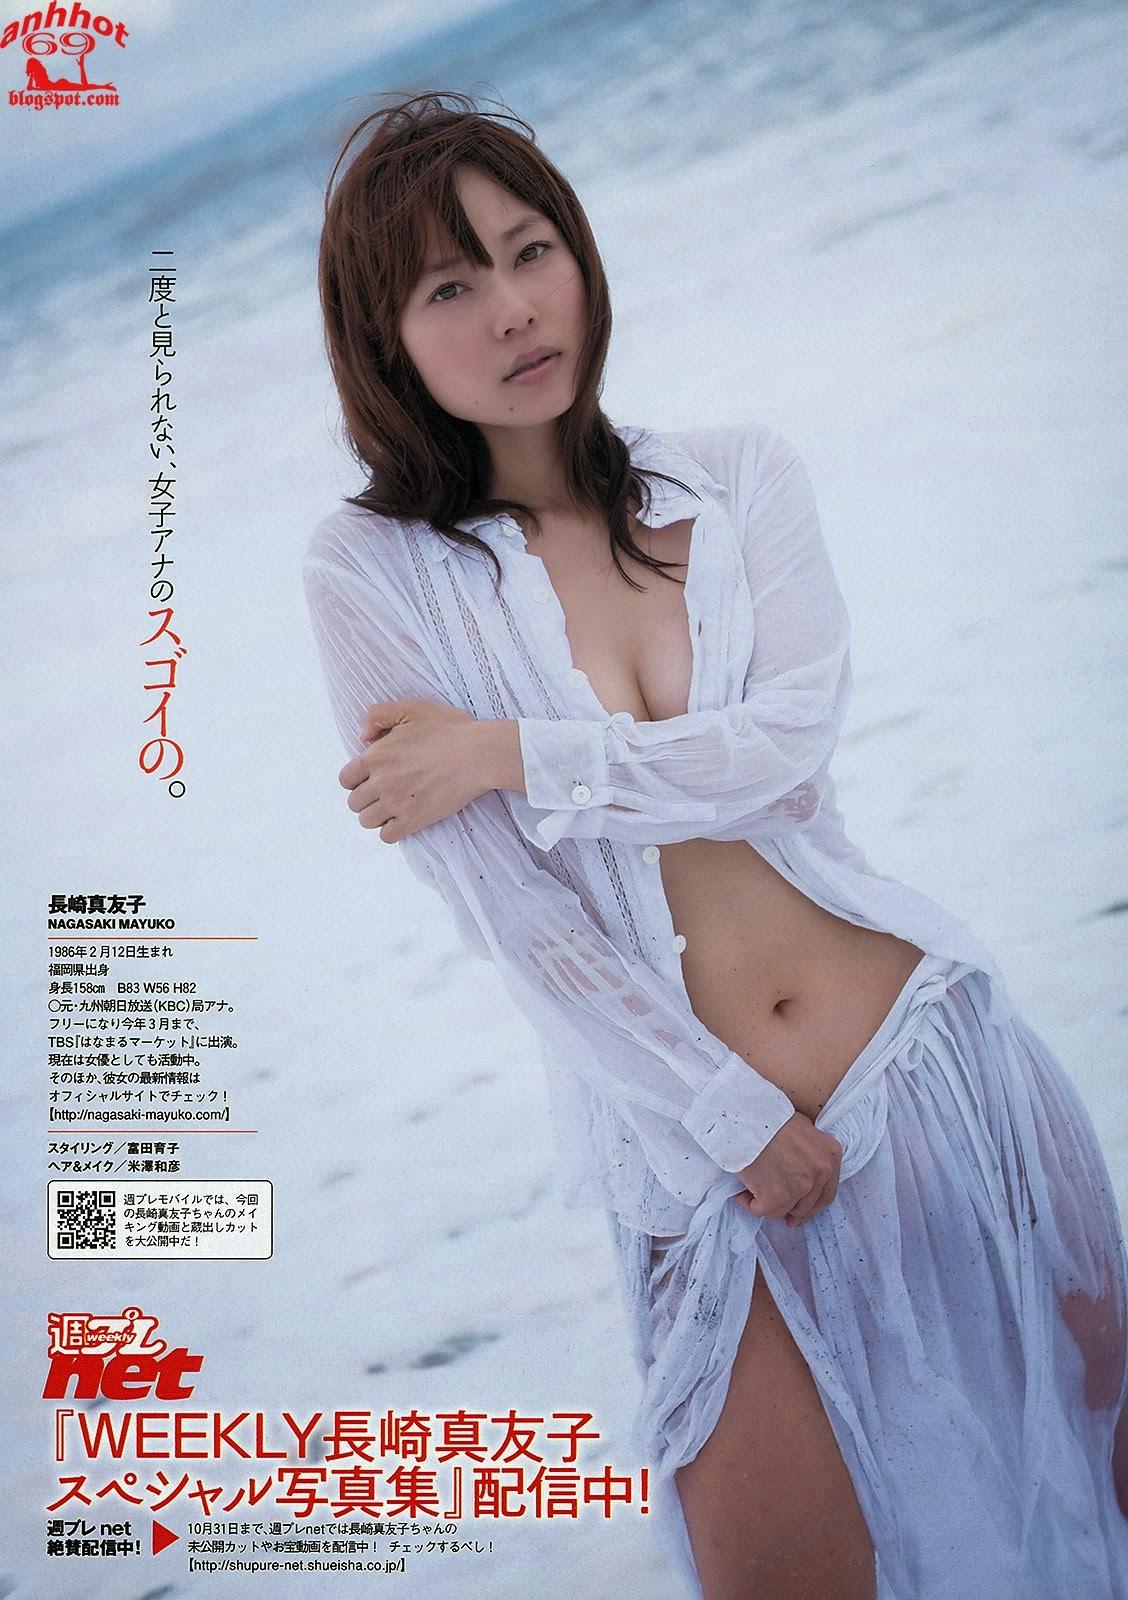 mayuko-nagasaki-02395850